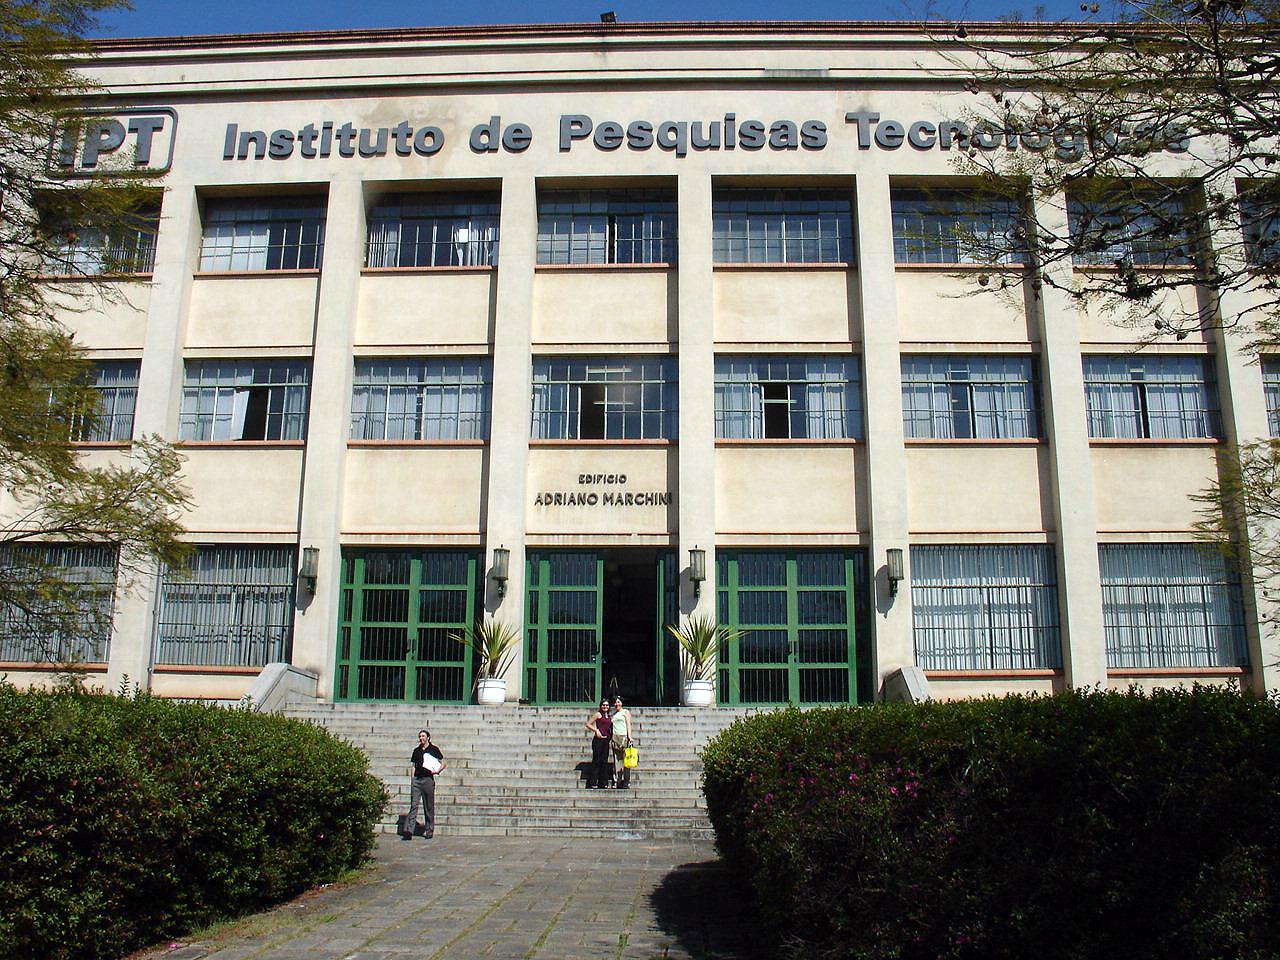 Sede do IPT, em São Paulo: foco atual está na busca de compósitos de baixo impacto ambiental.